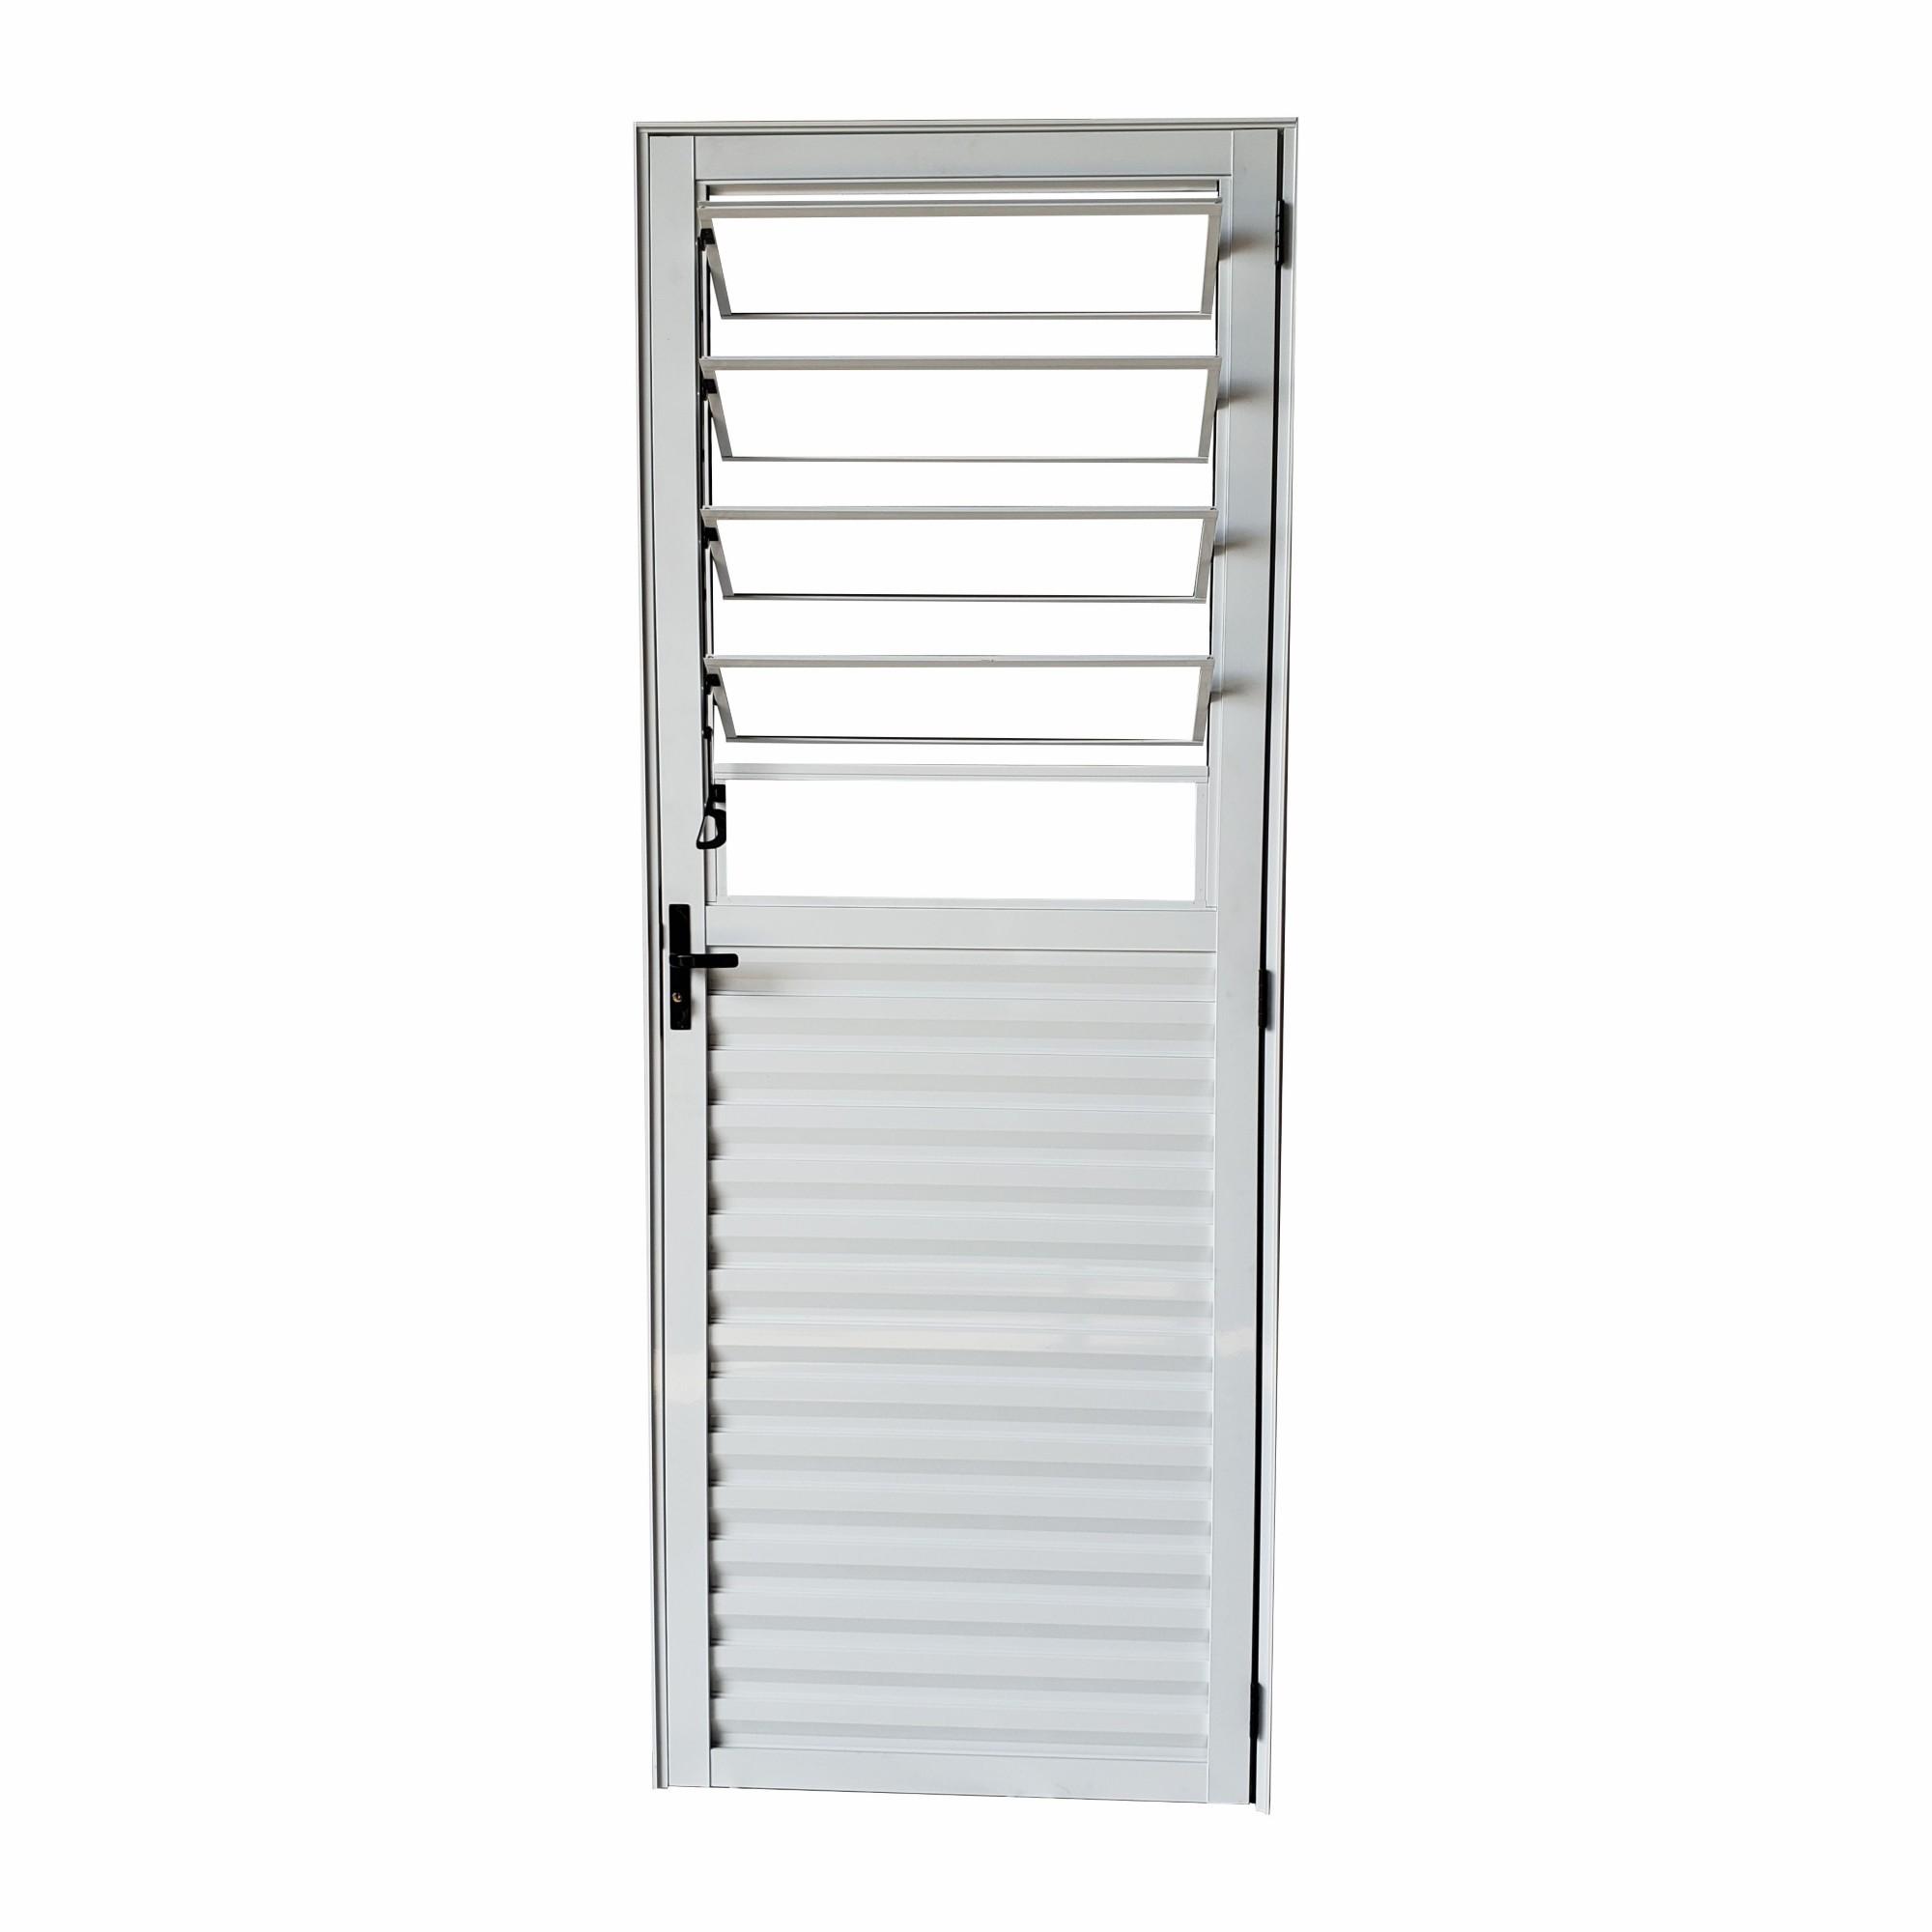 Porta de Abrir de Aluminio 210cm x 80cm - MGM